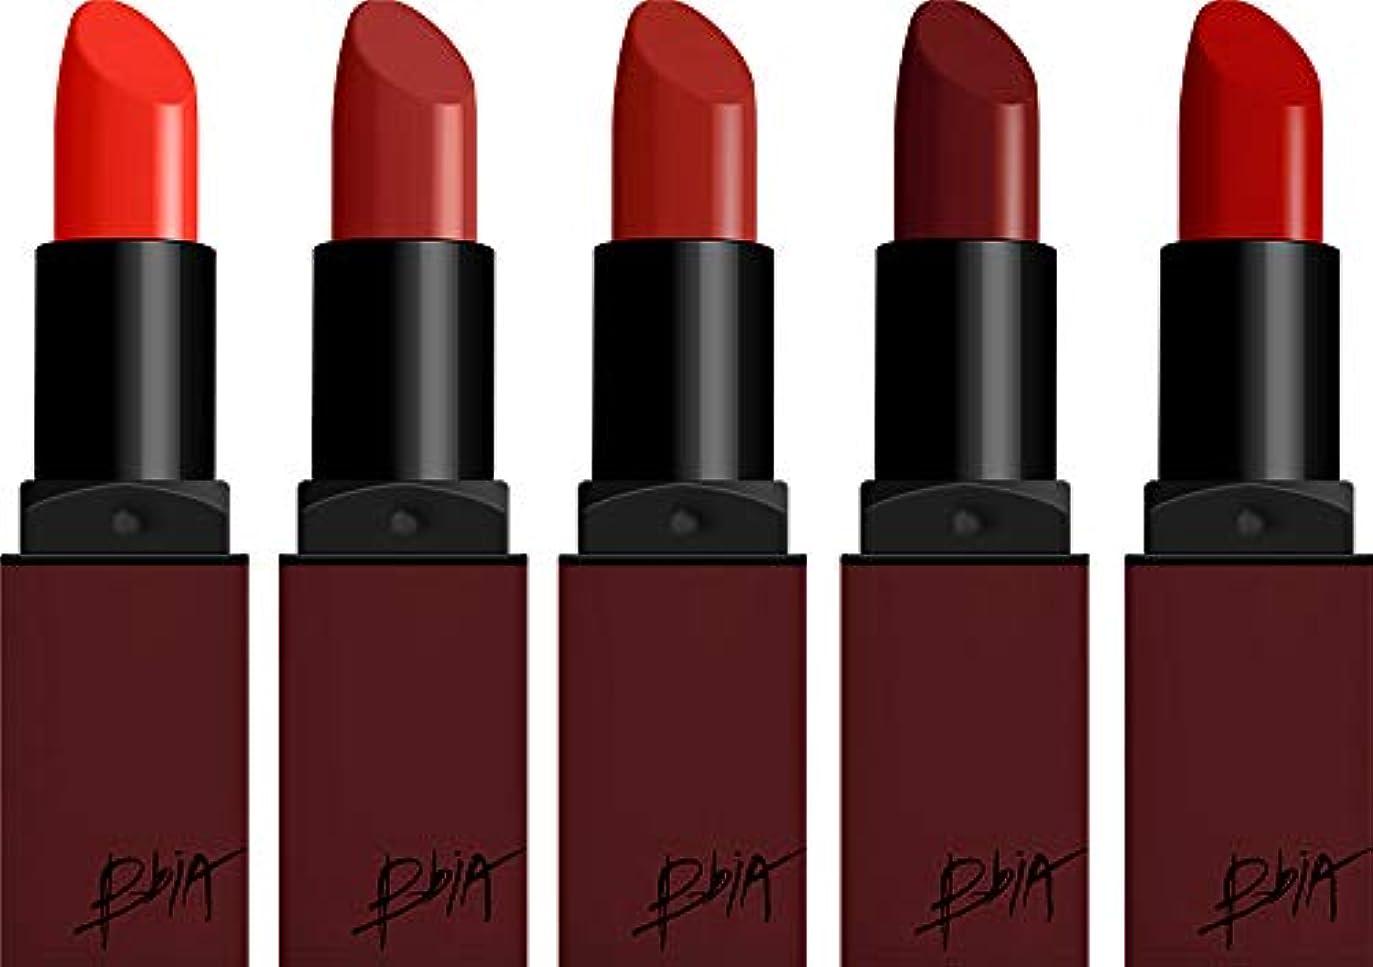 スカートピケ面積[セット品]BBIA(ピアー)ラストリップスティック5色セット (赤シリーズ3) (11~15)